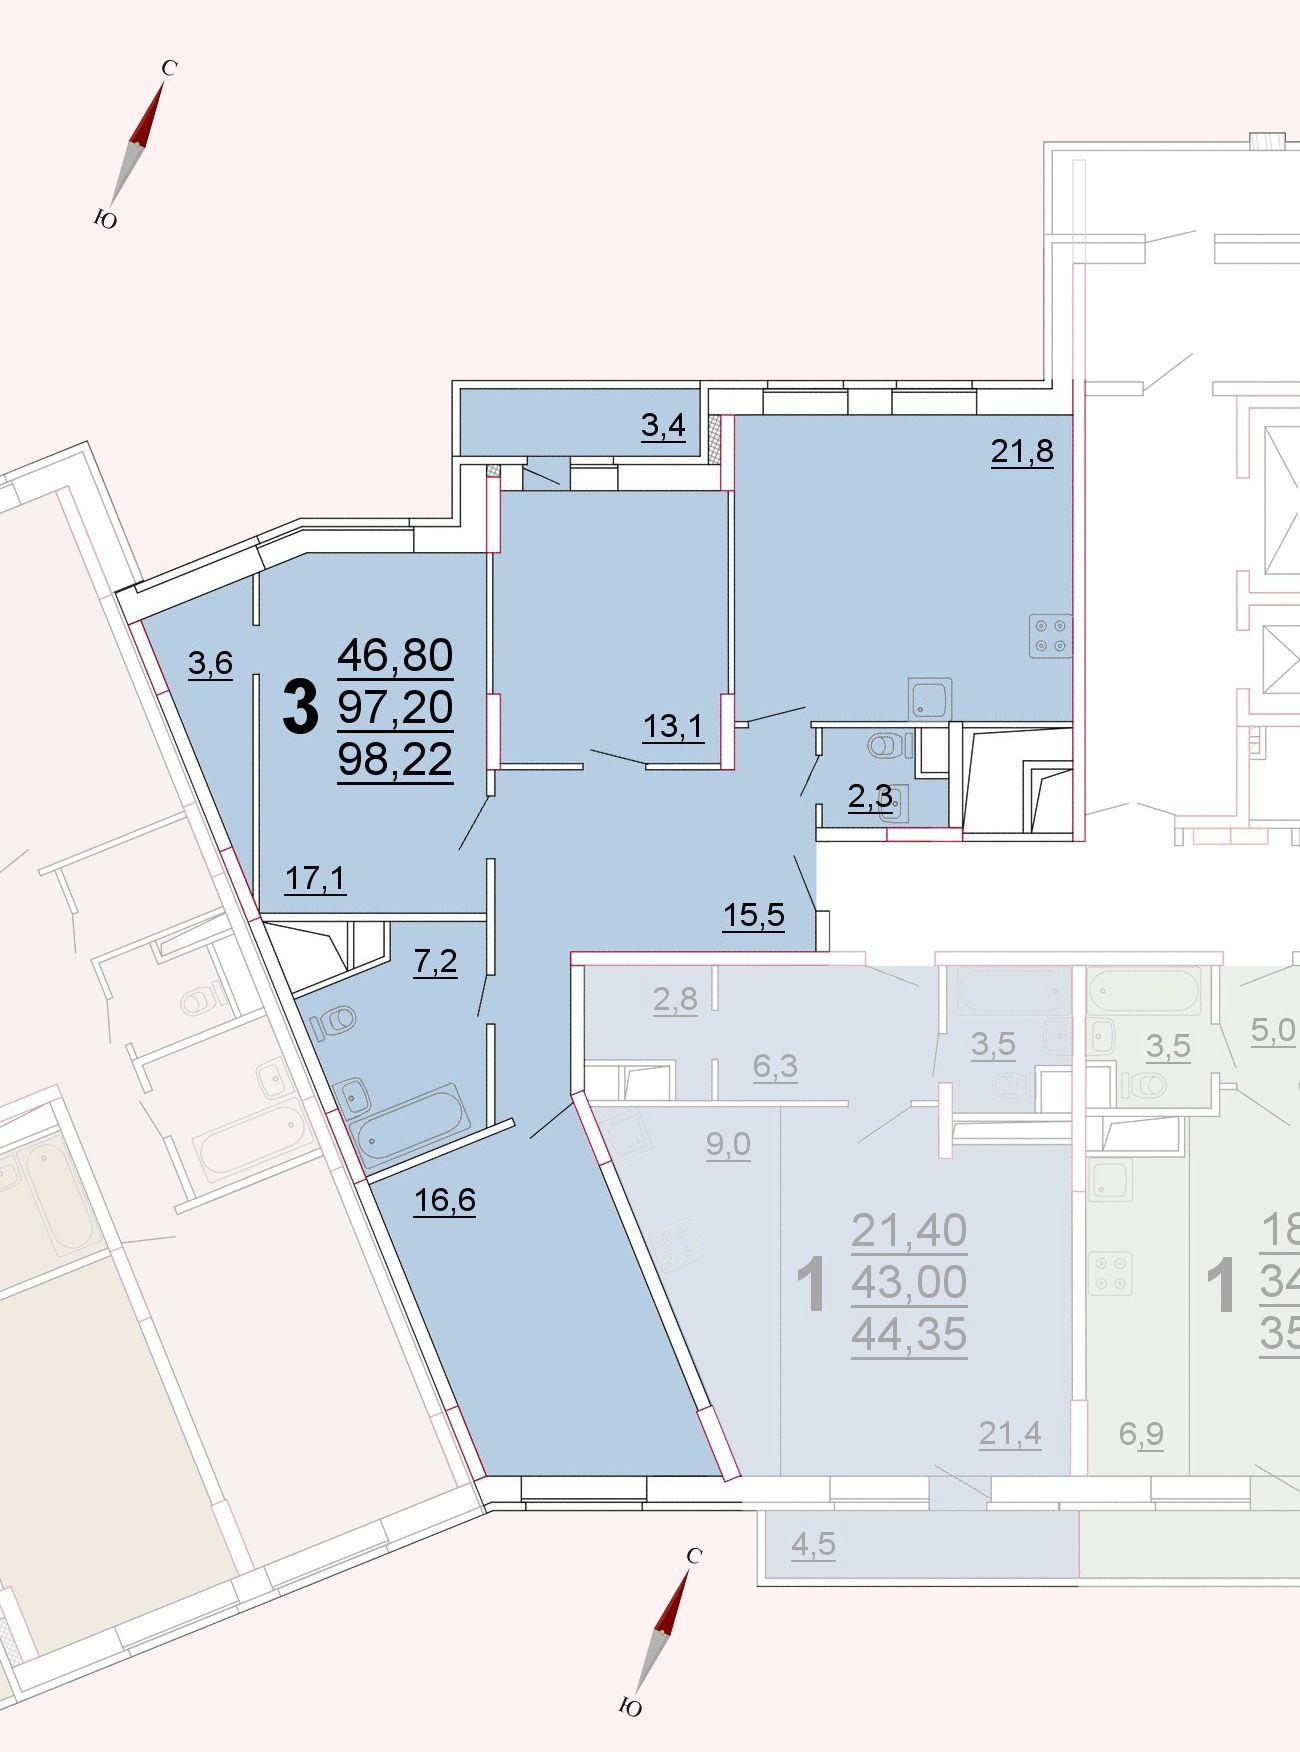 Микрорайон «Центральный», корпус 52а, секция 3, квартира 98,22 м2